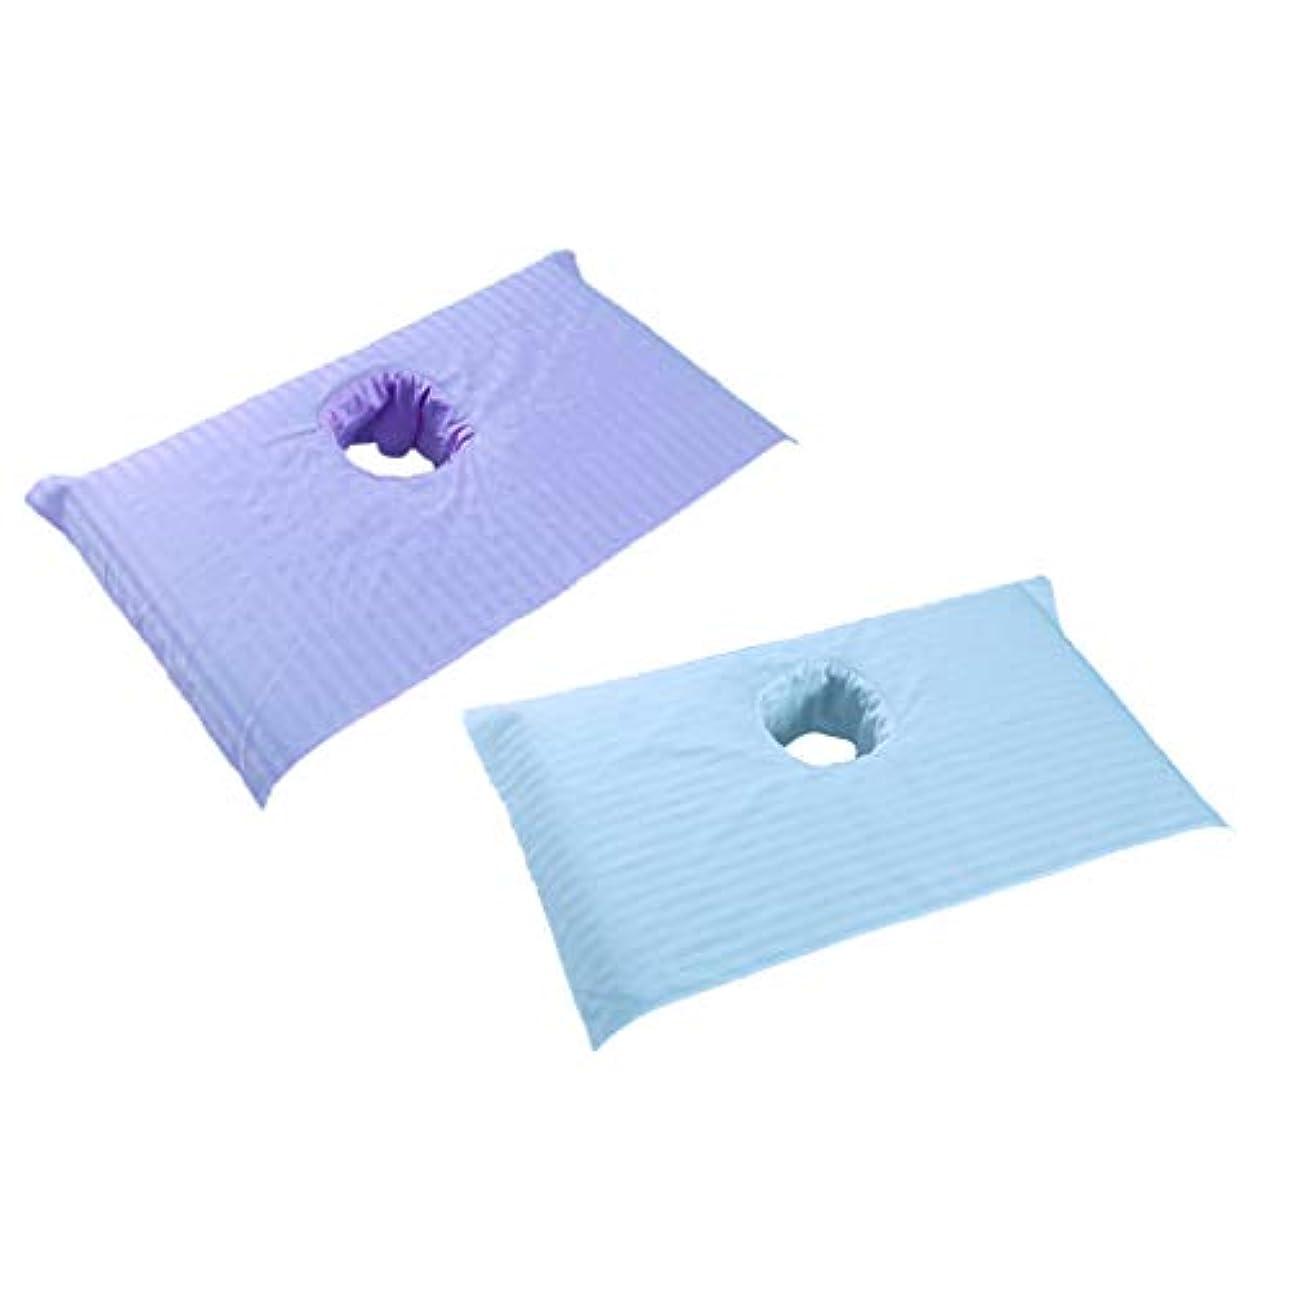 ベジタリアン瞑想する徴収FutuHome 2枚の柔らかい綿の美のマッサージの鉱泉の処置のベッドの表紙シート75 X 55cmのパック